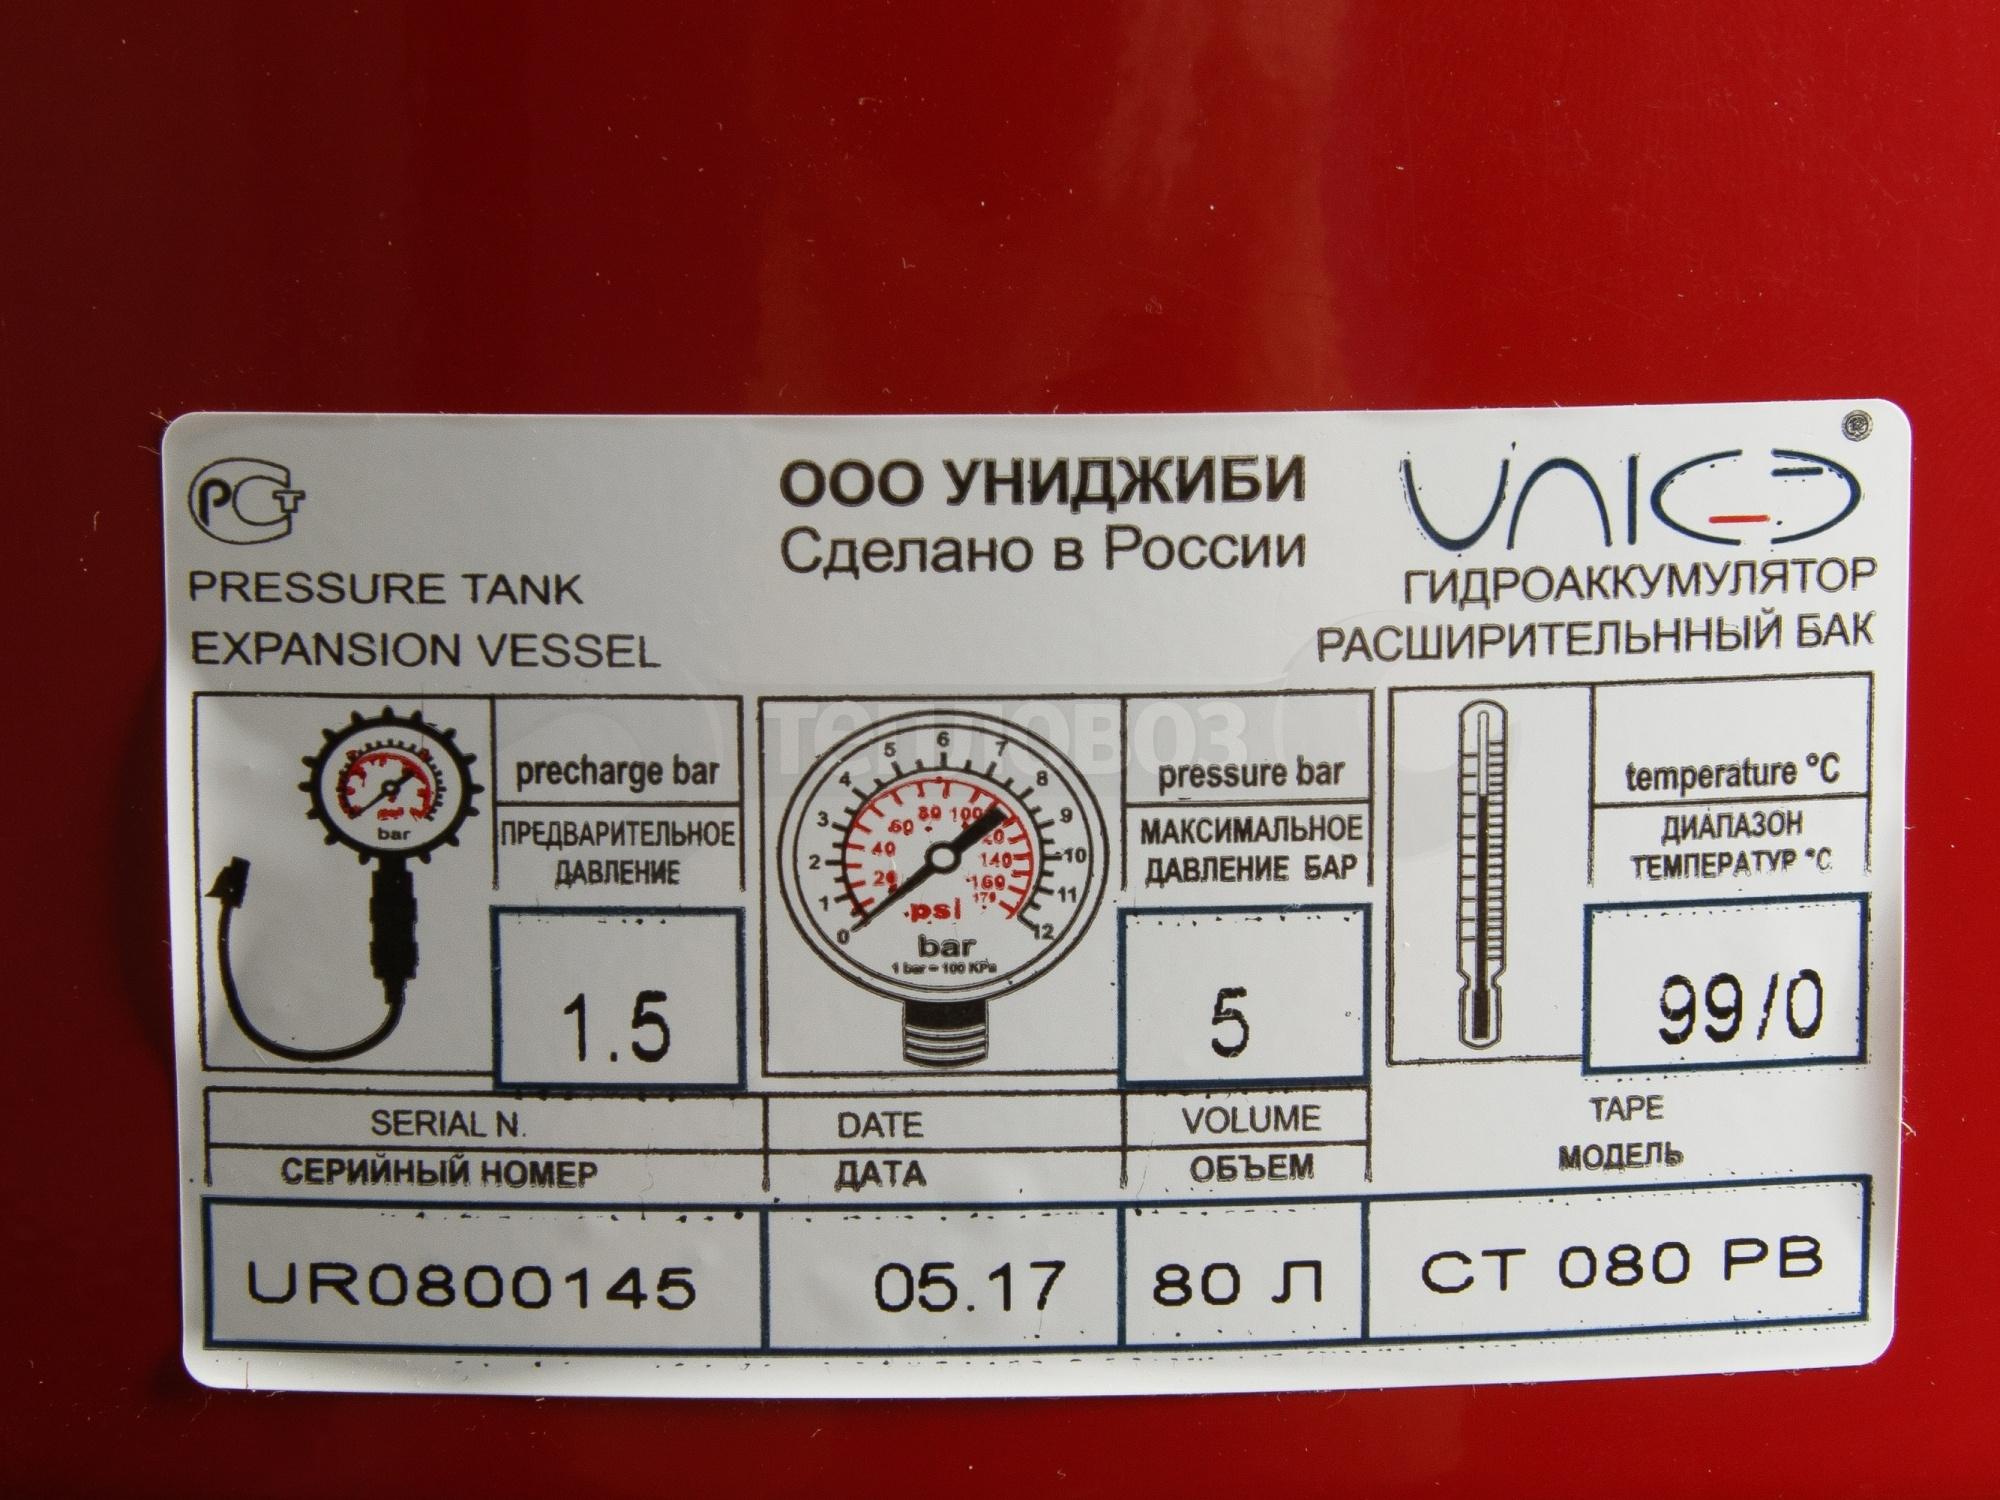 Униджиби СТ080РВ 80 л вертикальный